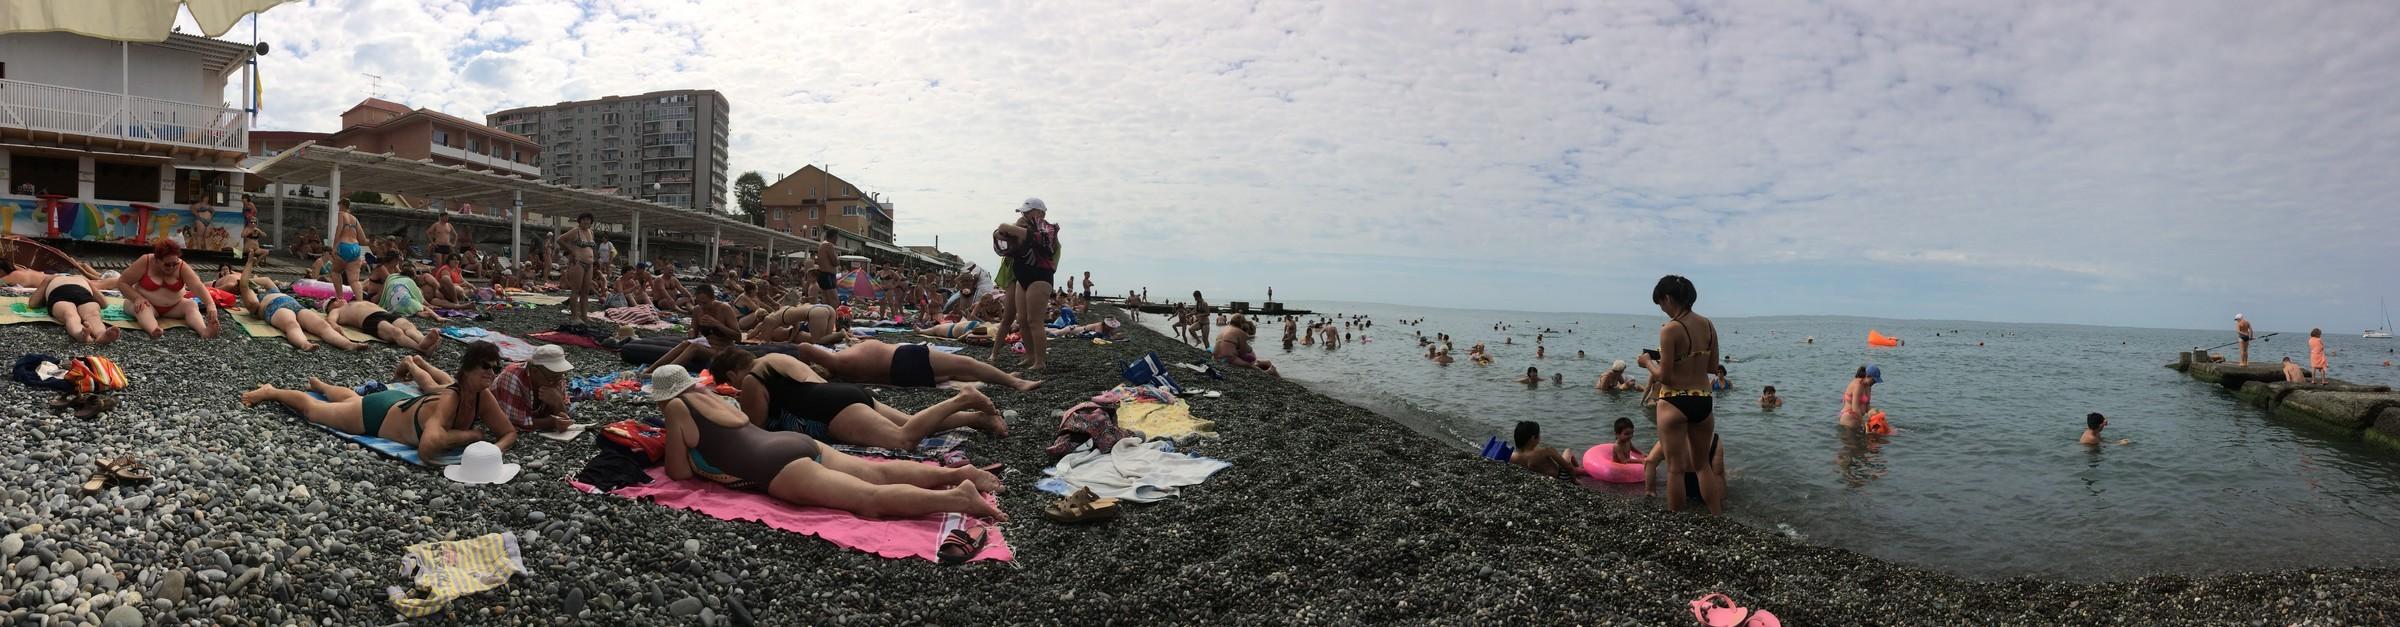 Люди на пляже в адлере фото